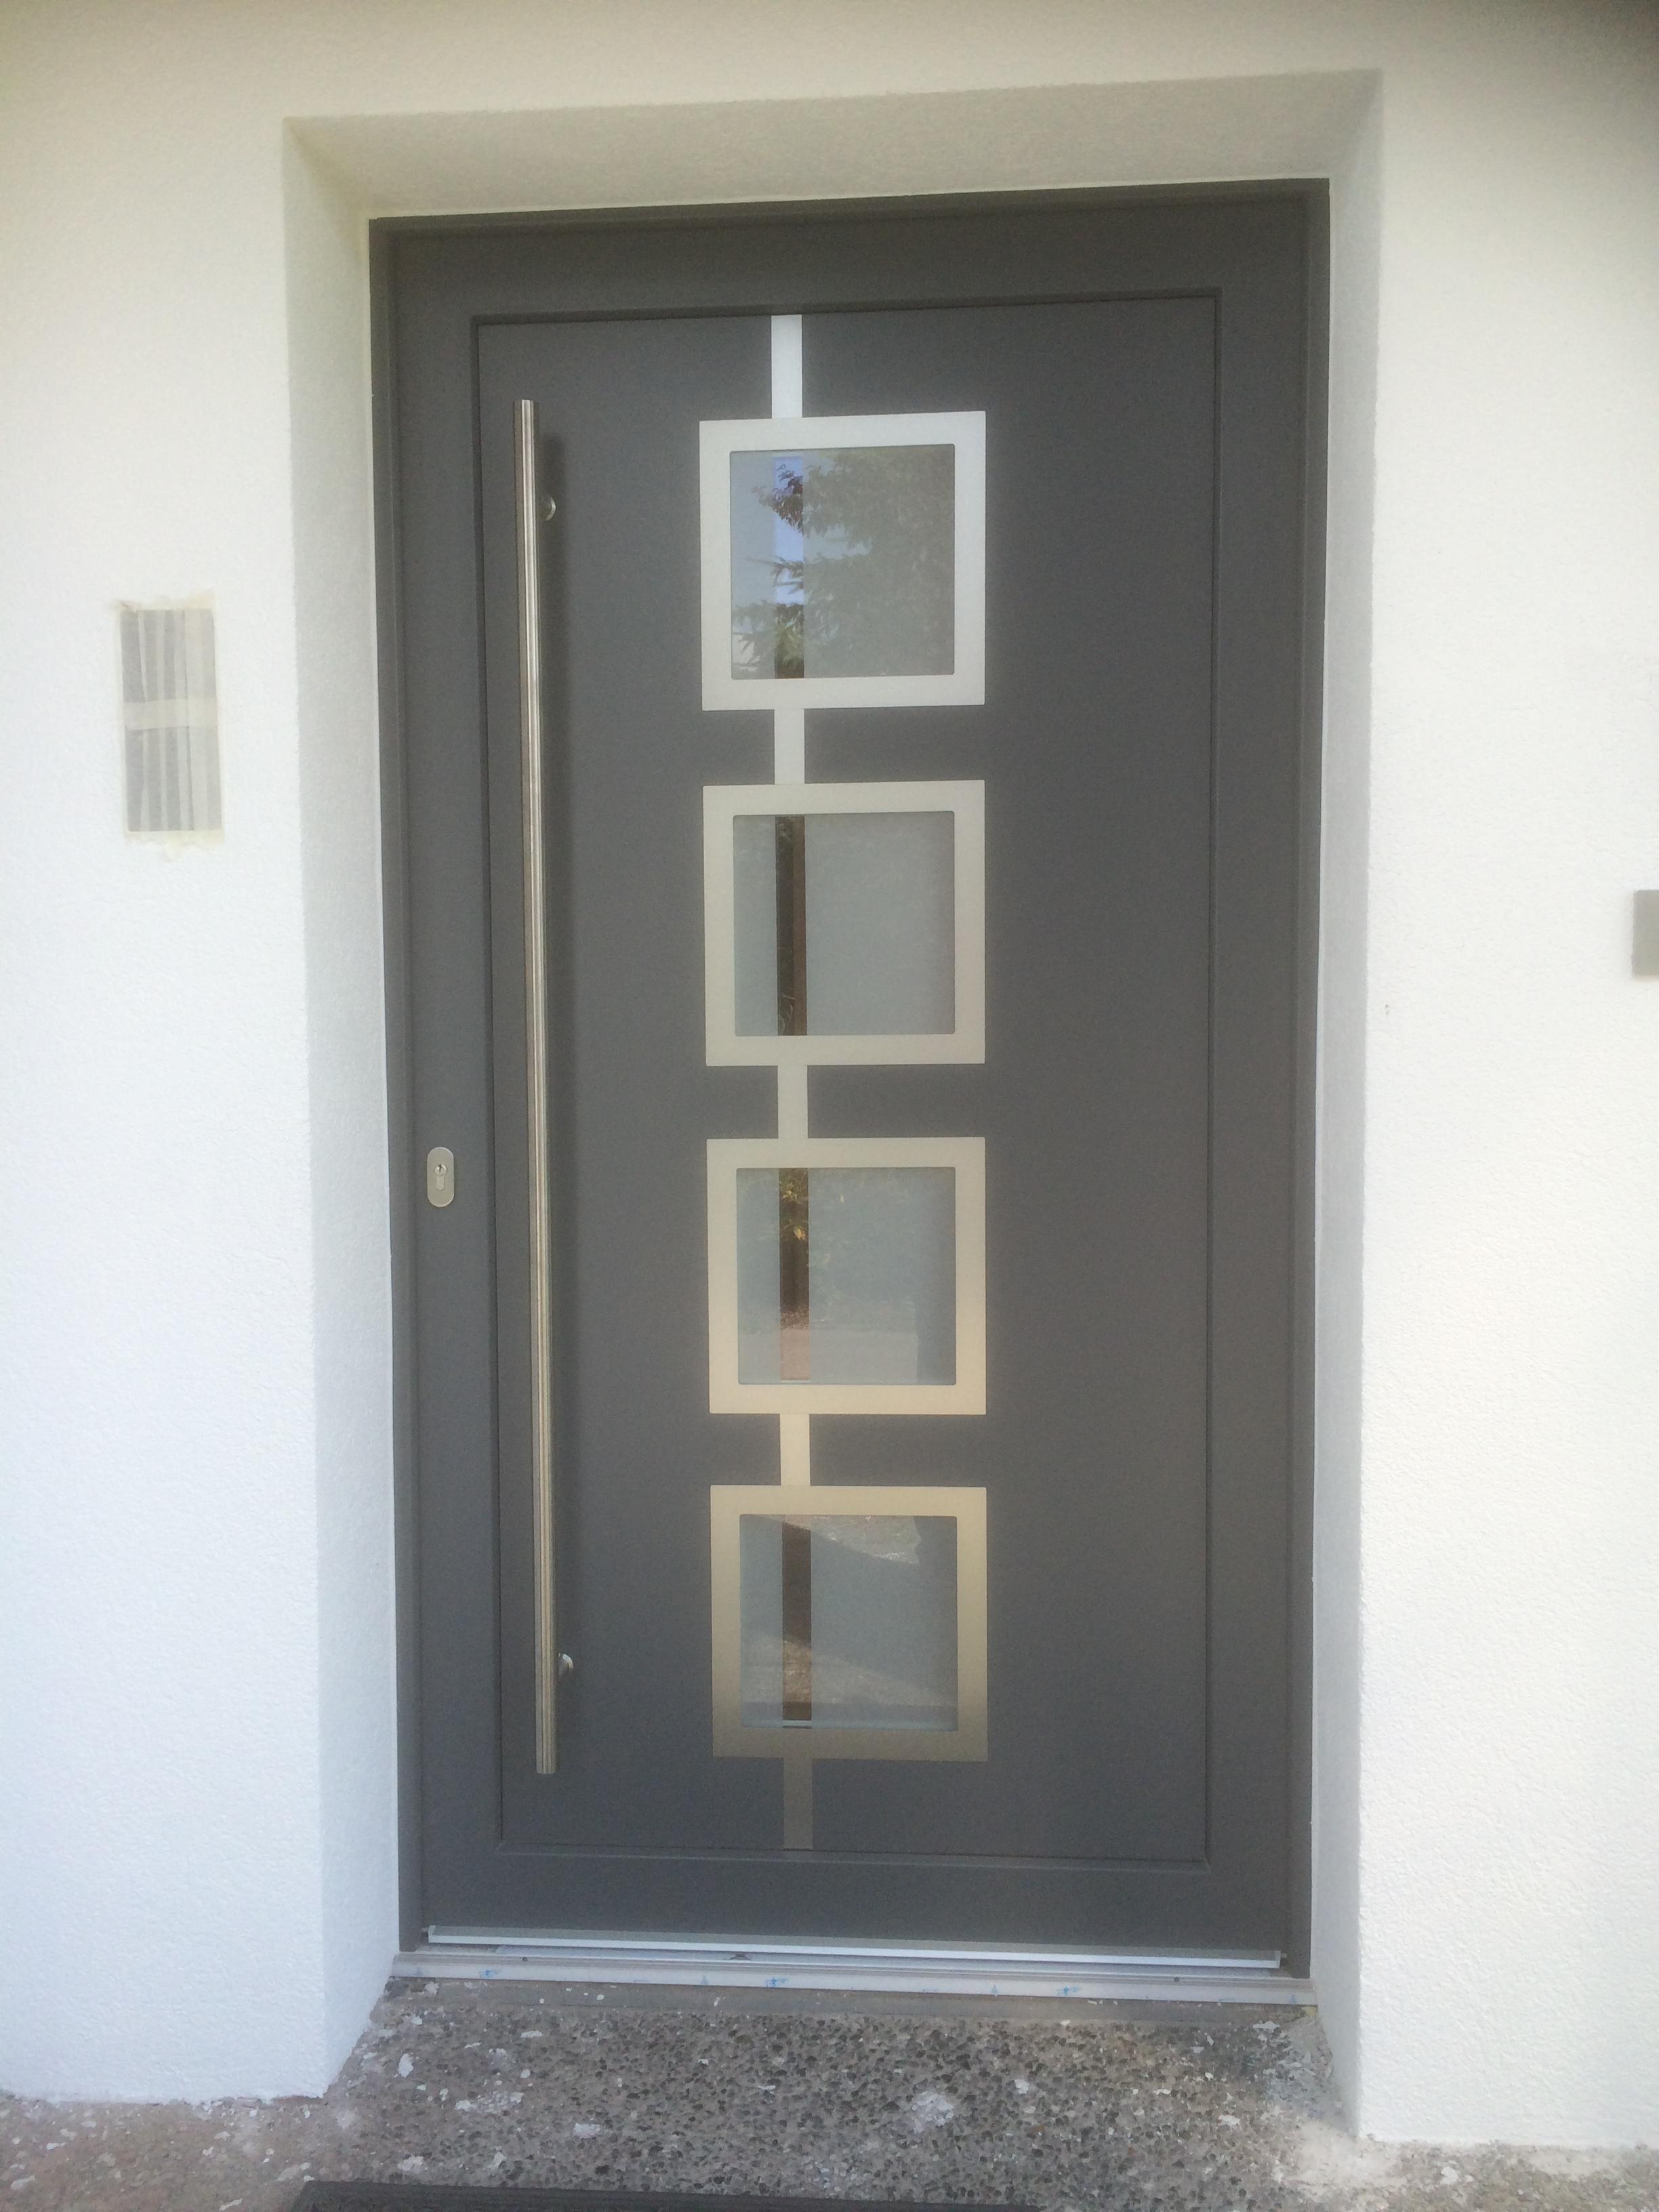 Haustüren mit Designfüllung